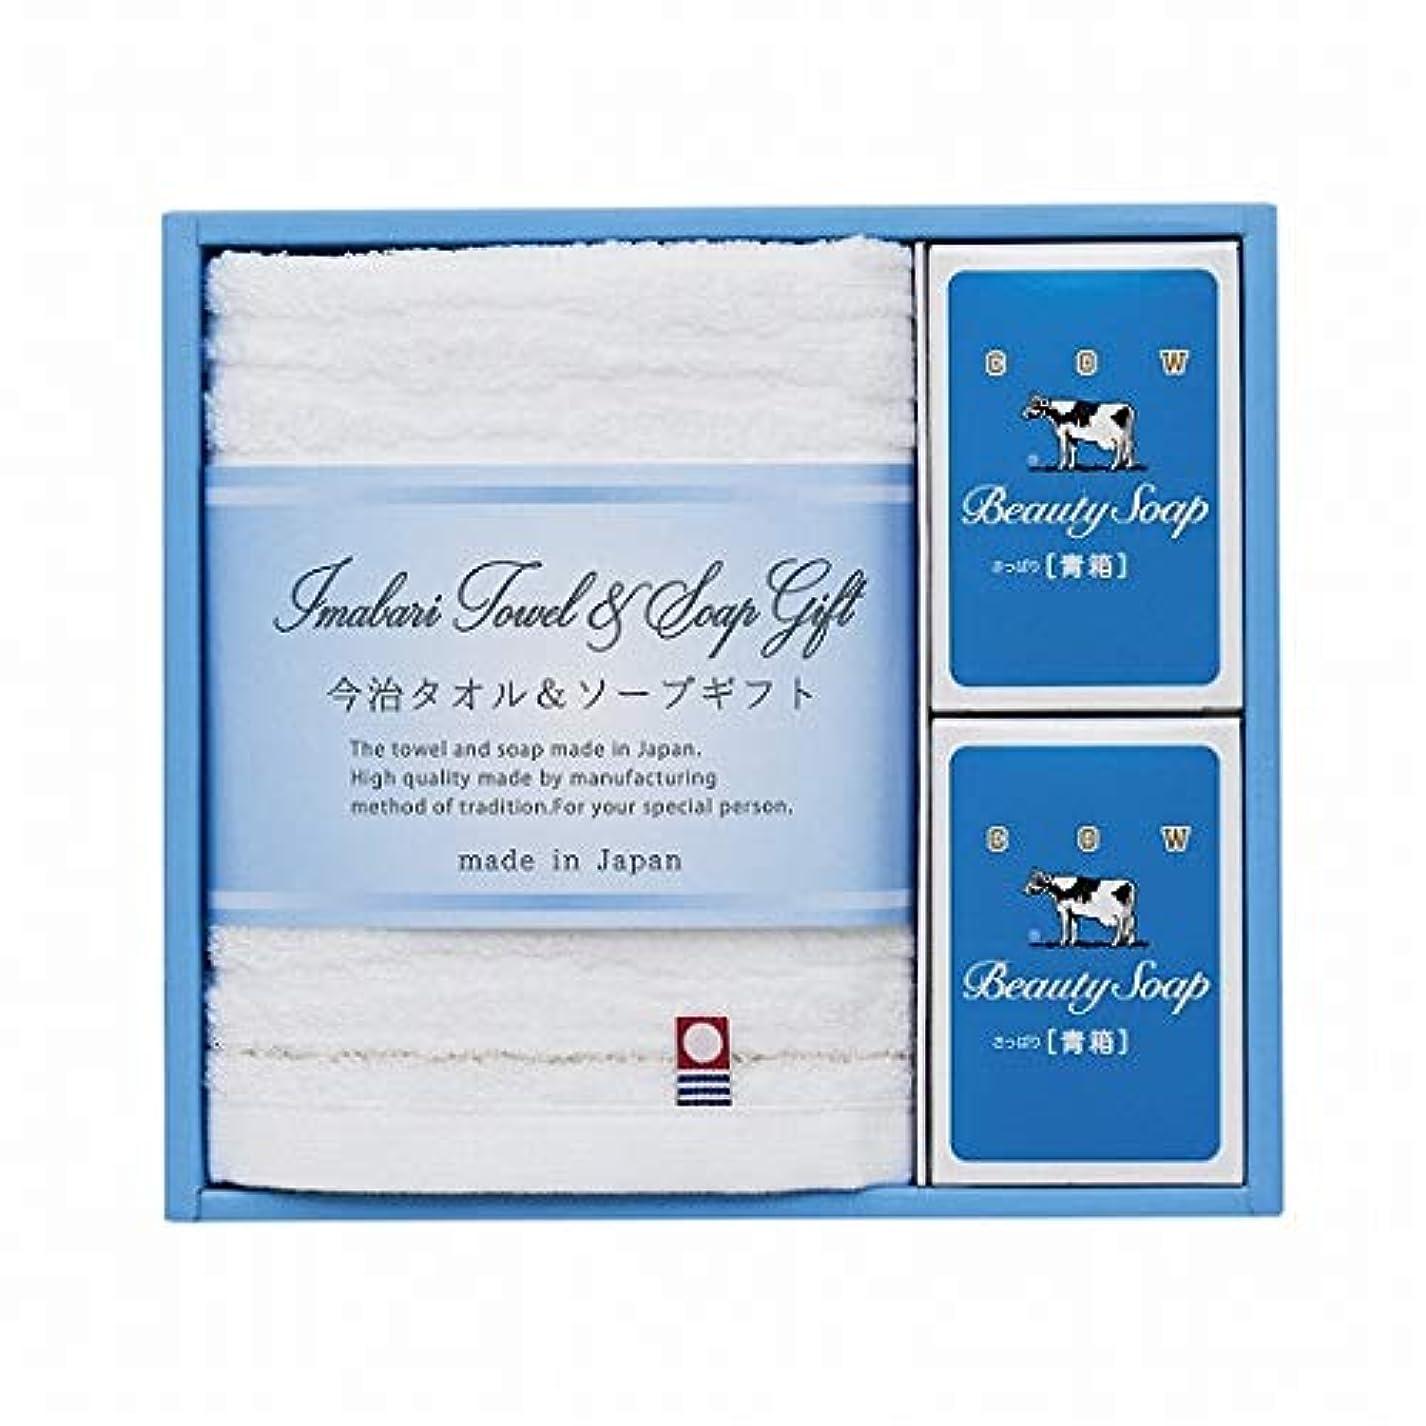 またボール普通のimabari towel(今治タオル) 今治タオル&ソープセット(GS1099)